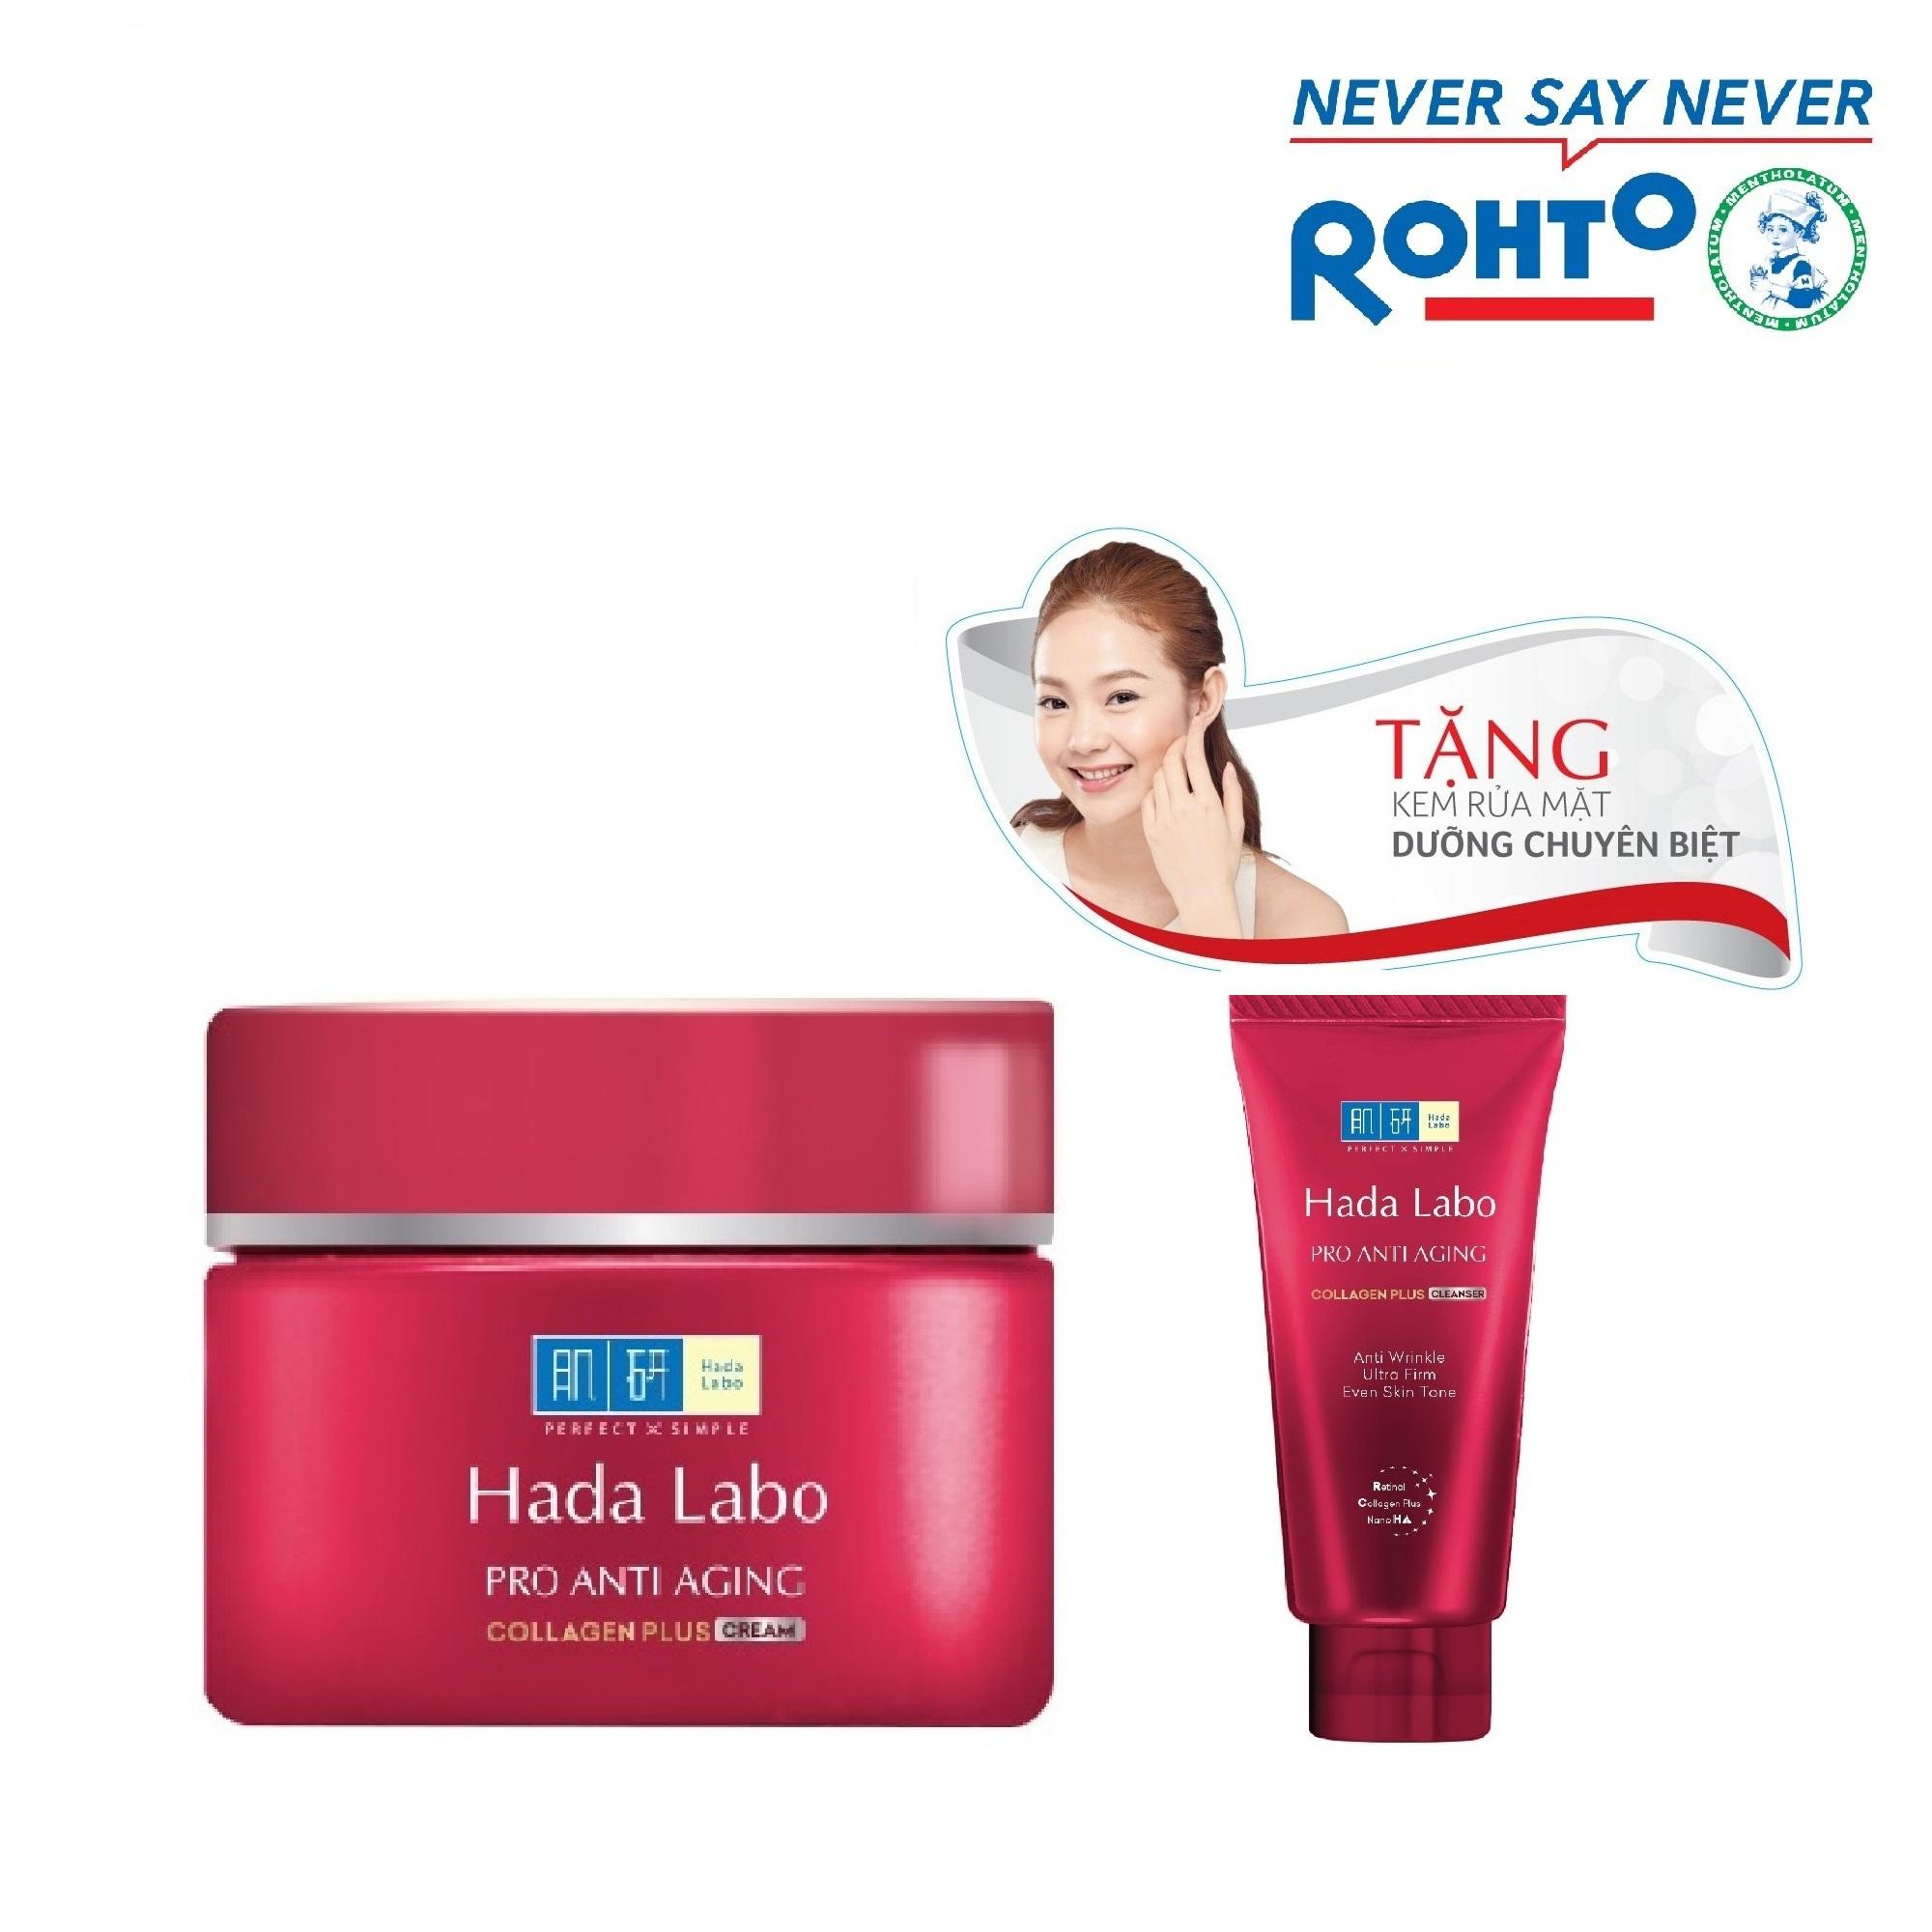 Hình ảnh Kem dưỡng chuyên biệt chống lão hóa Hada Labo Pro Anti Aging Cream 50g + Tặng Kem rửa mặt Hada Labo 25g